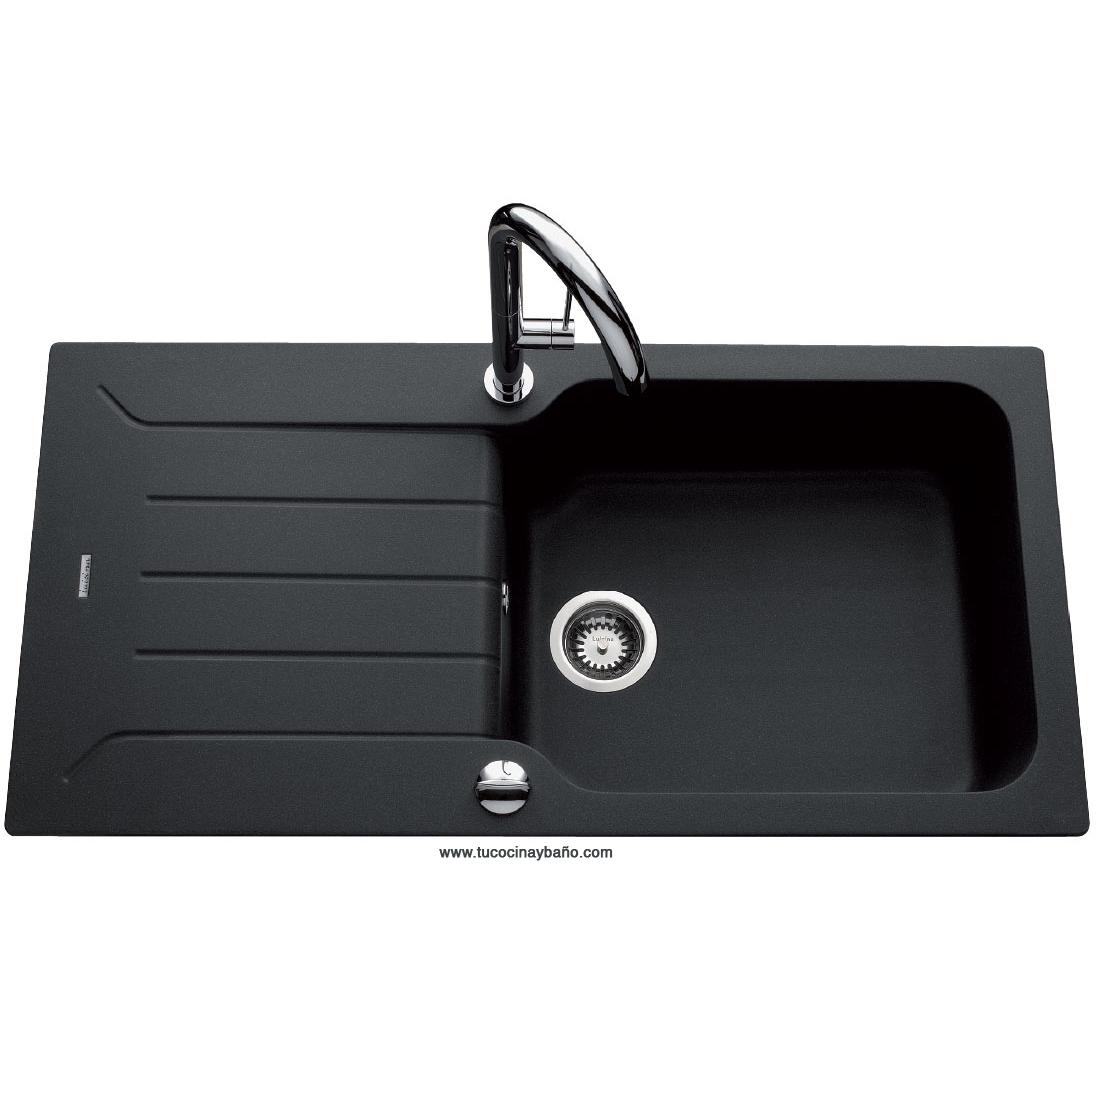 fregadero diseño escurridera tabla corte madera